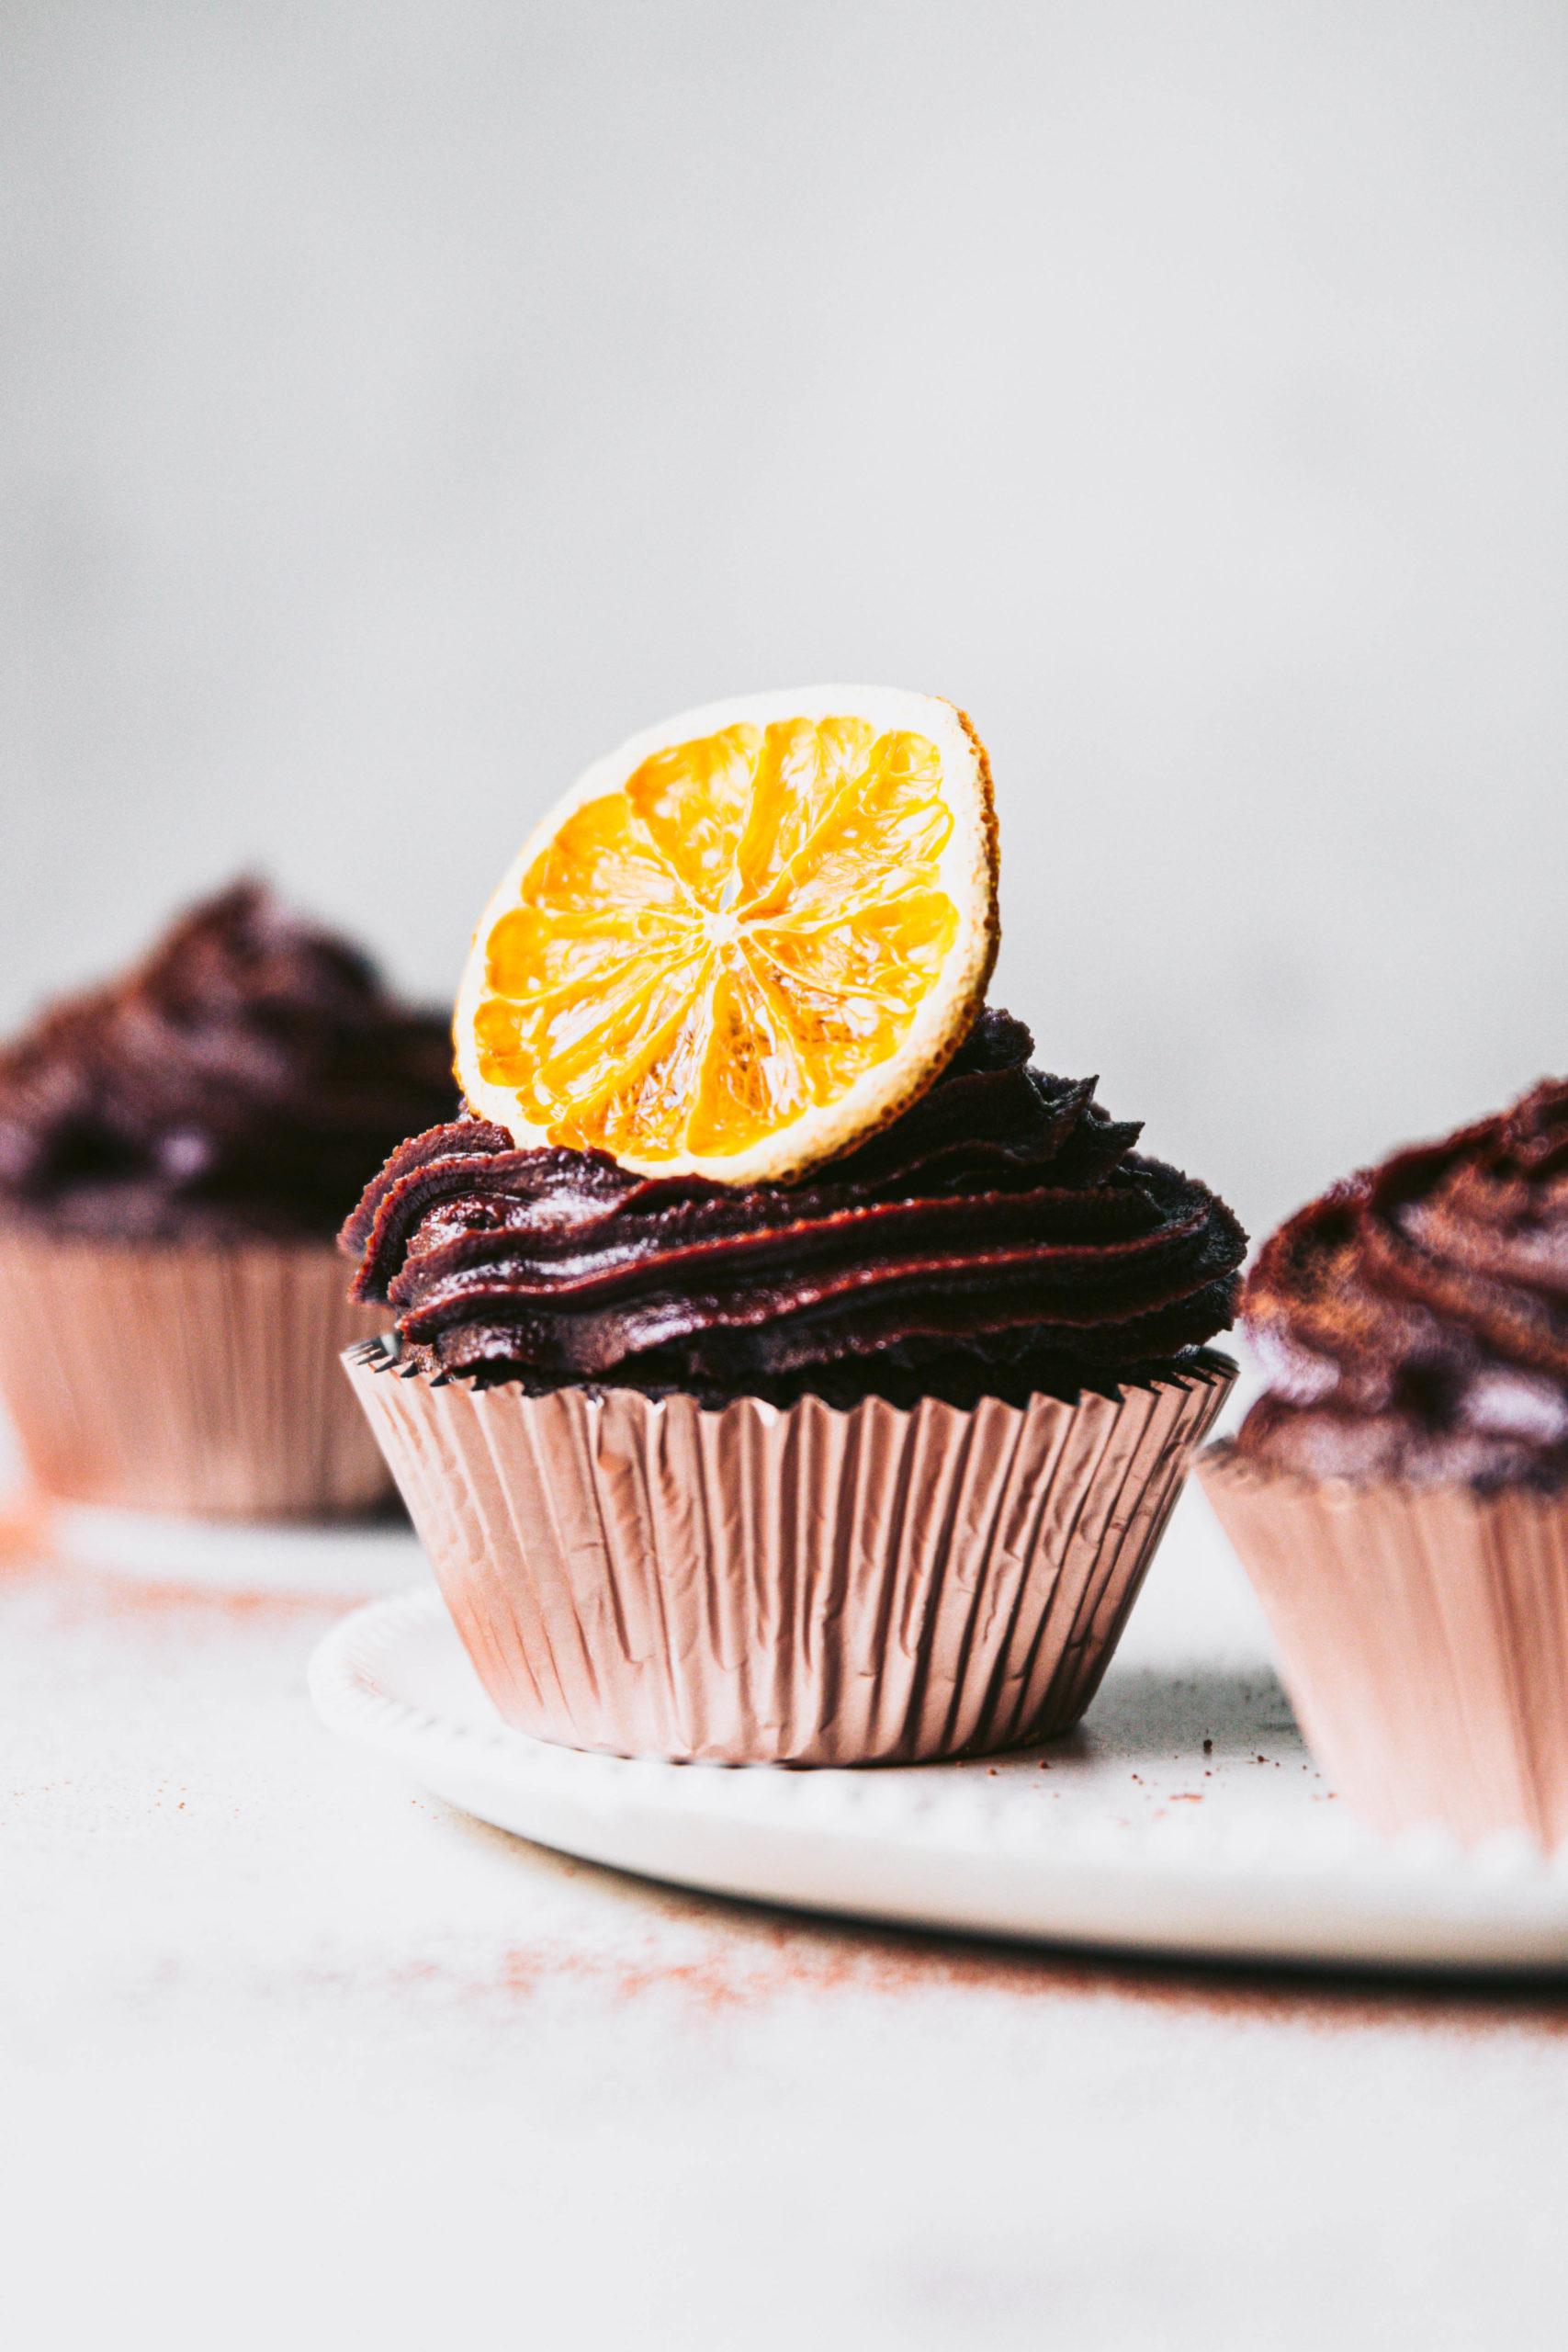 cupcakes, jaffa, chocolate, chocolate cupcakes, gluten free cupcake recipe, healthy cupcake recipe, chocolate Jaffa cupcakes, cacao, chocolate cashew frosting